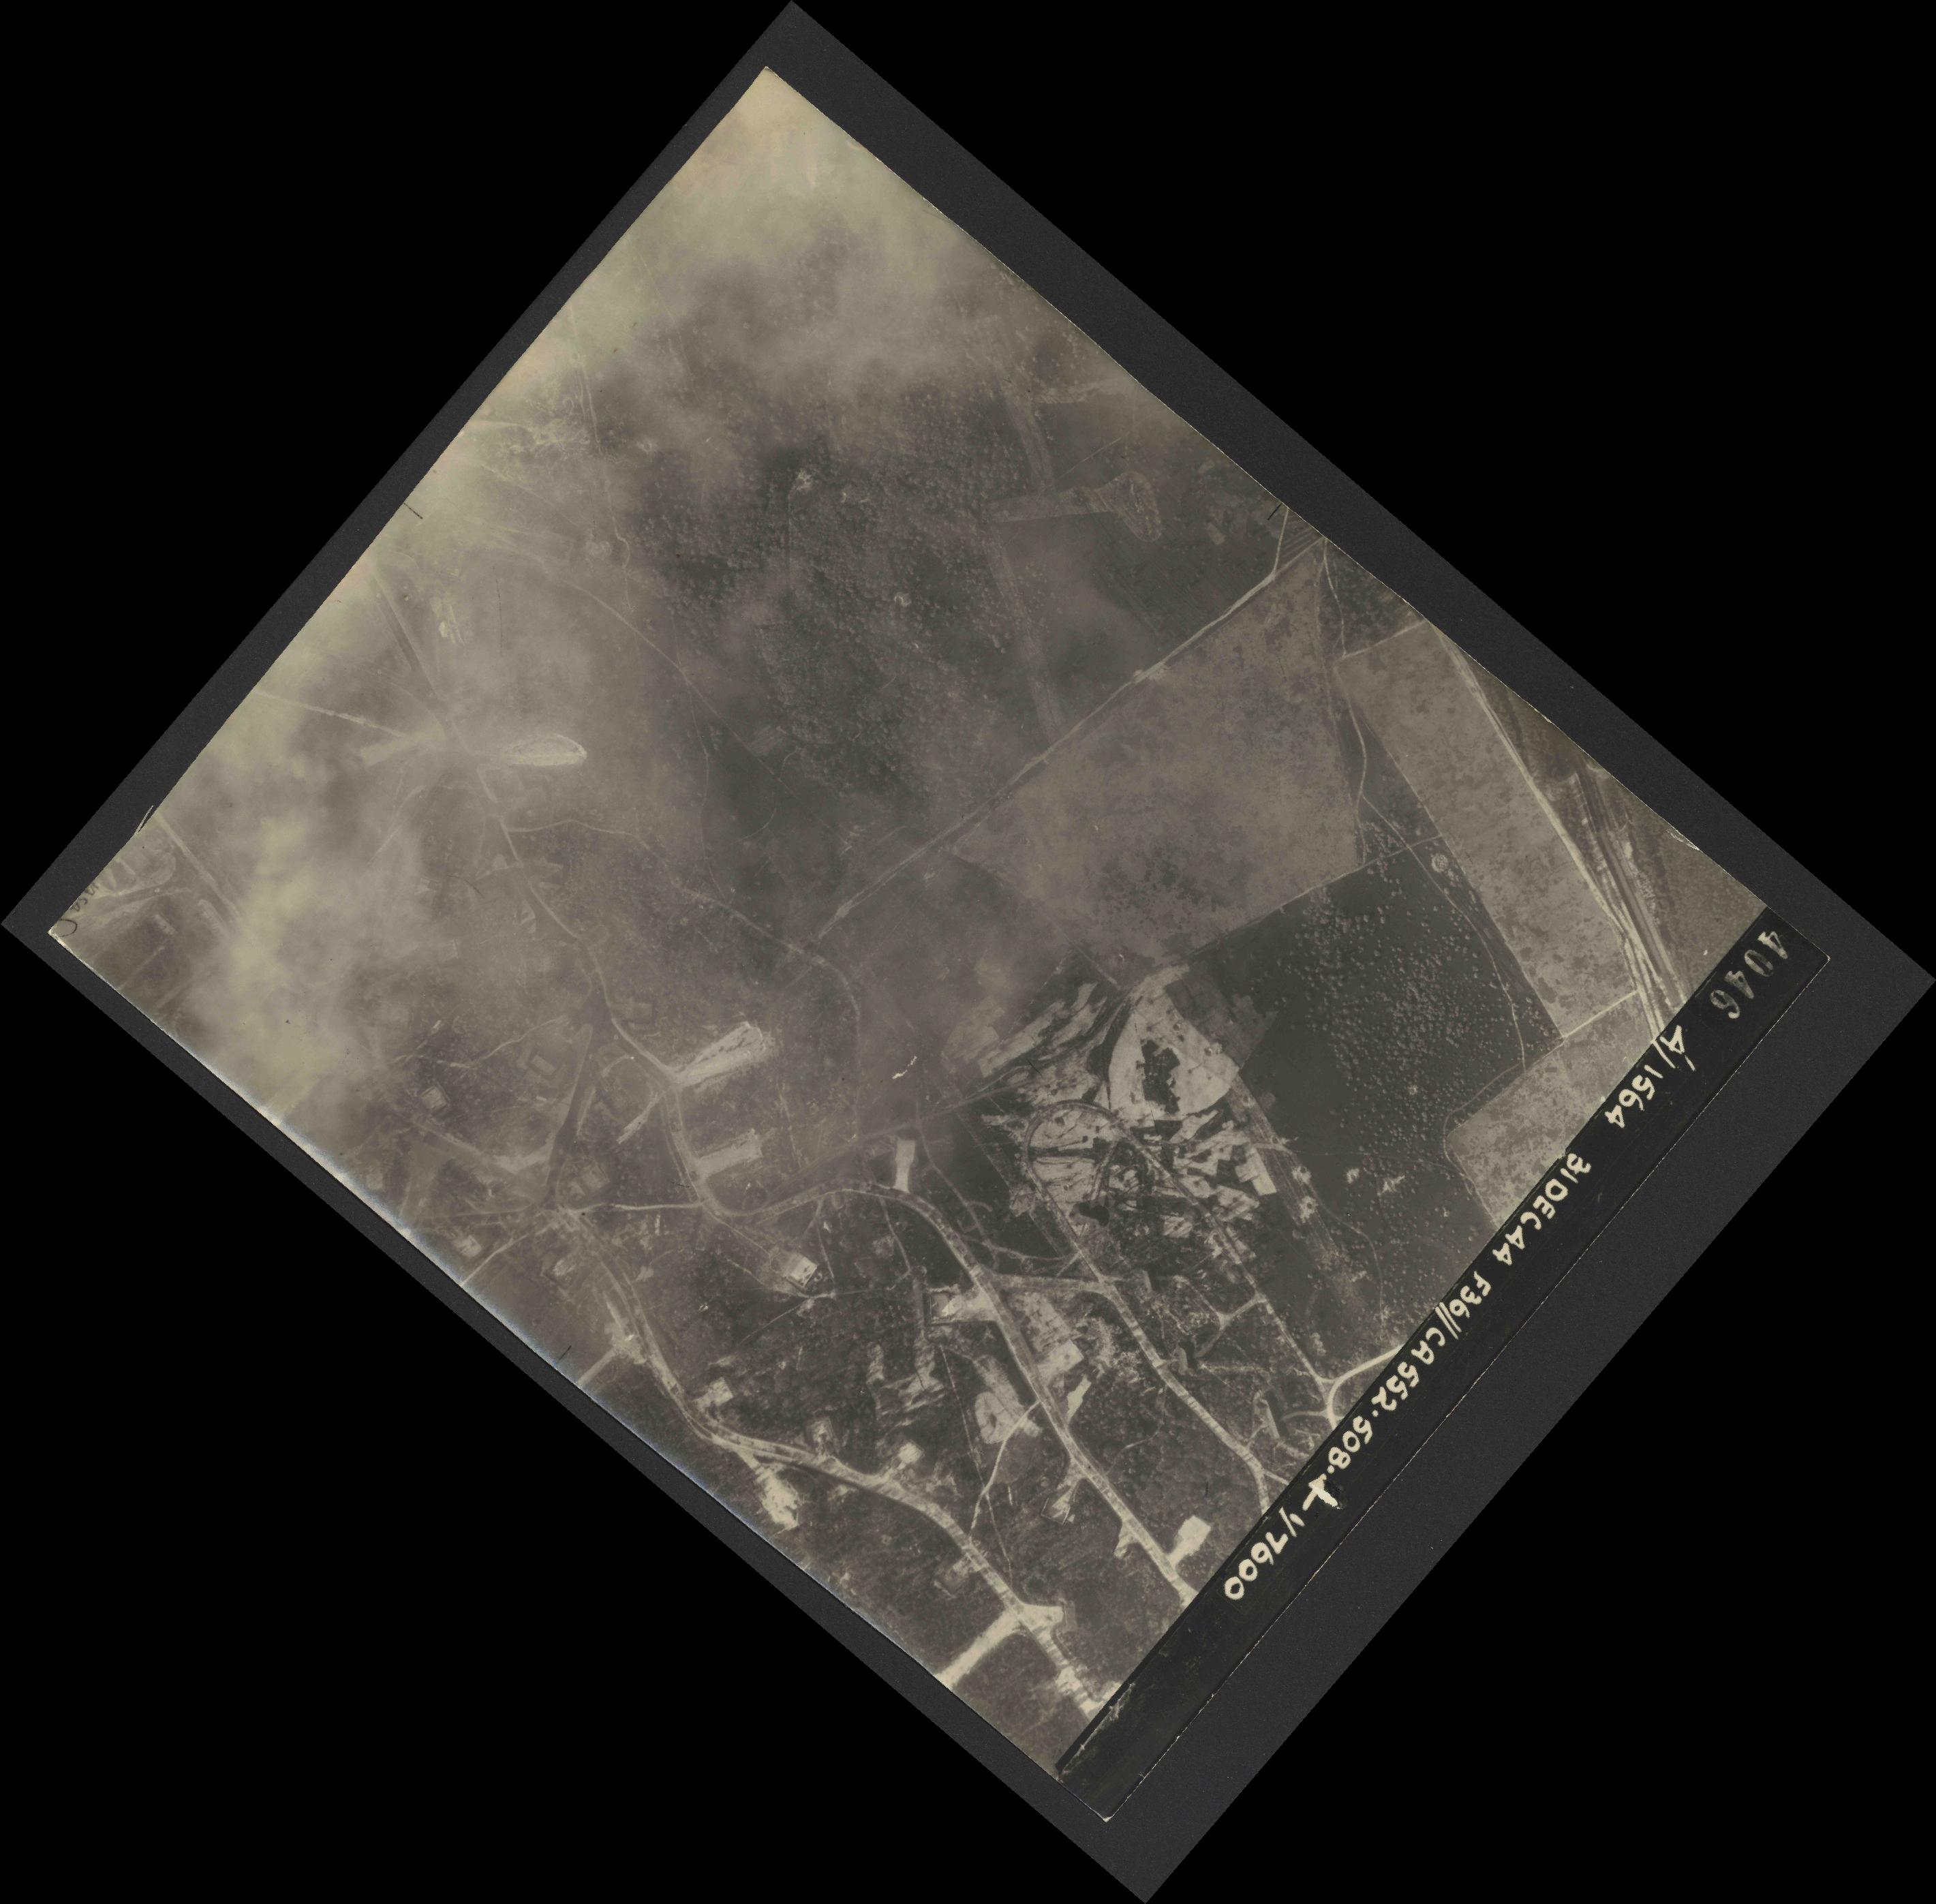 Collection RAF aerial photos 1940-1945 - flight 351, run 02, photo 4046